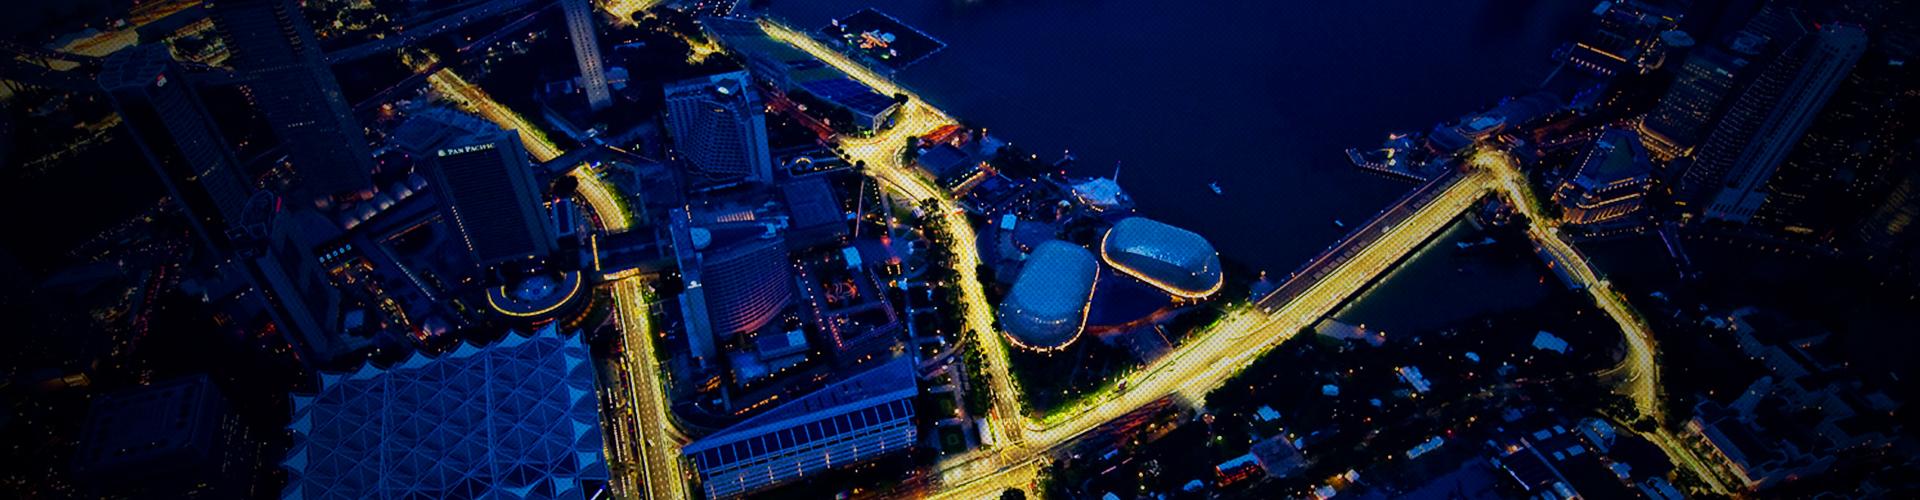 Circuito F1 Singapur : Sabías por qué el gp singapur se corre de noche f gp brasil